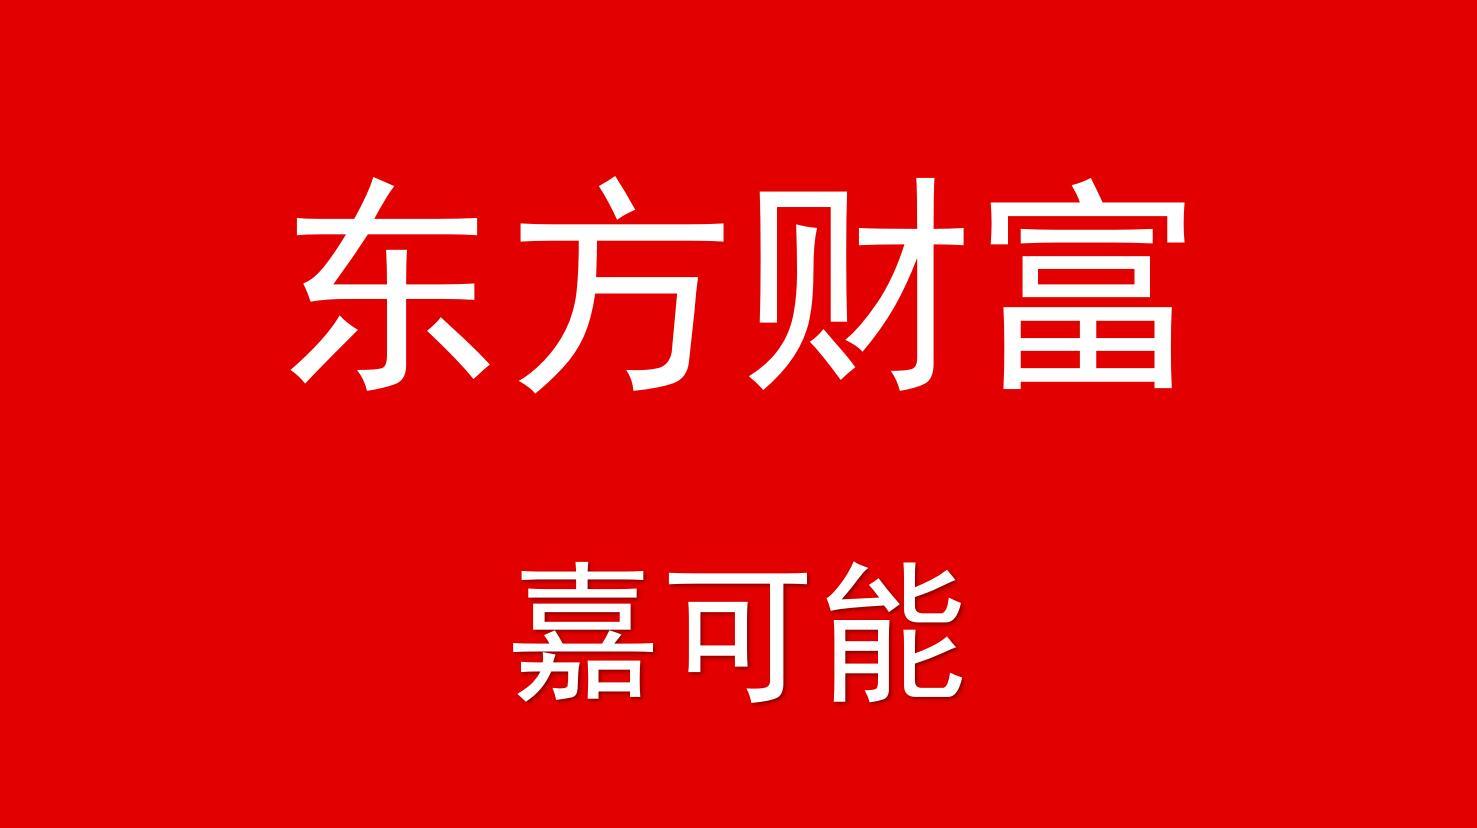 """【嘉可能】东方财富(300059)缠论强势信号,可能会改变A股""""五穷六绝七翻身""""的诅咒?(5月14日)"""